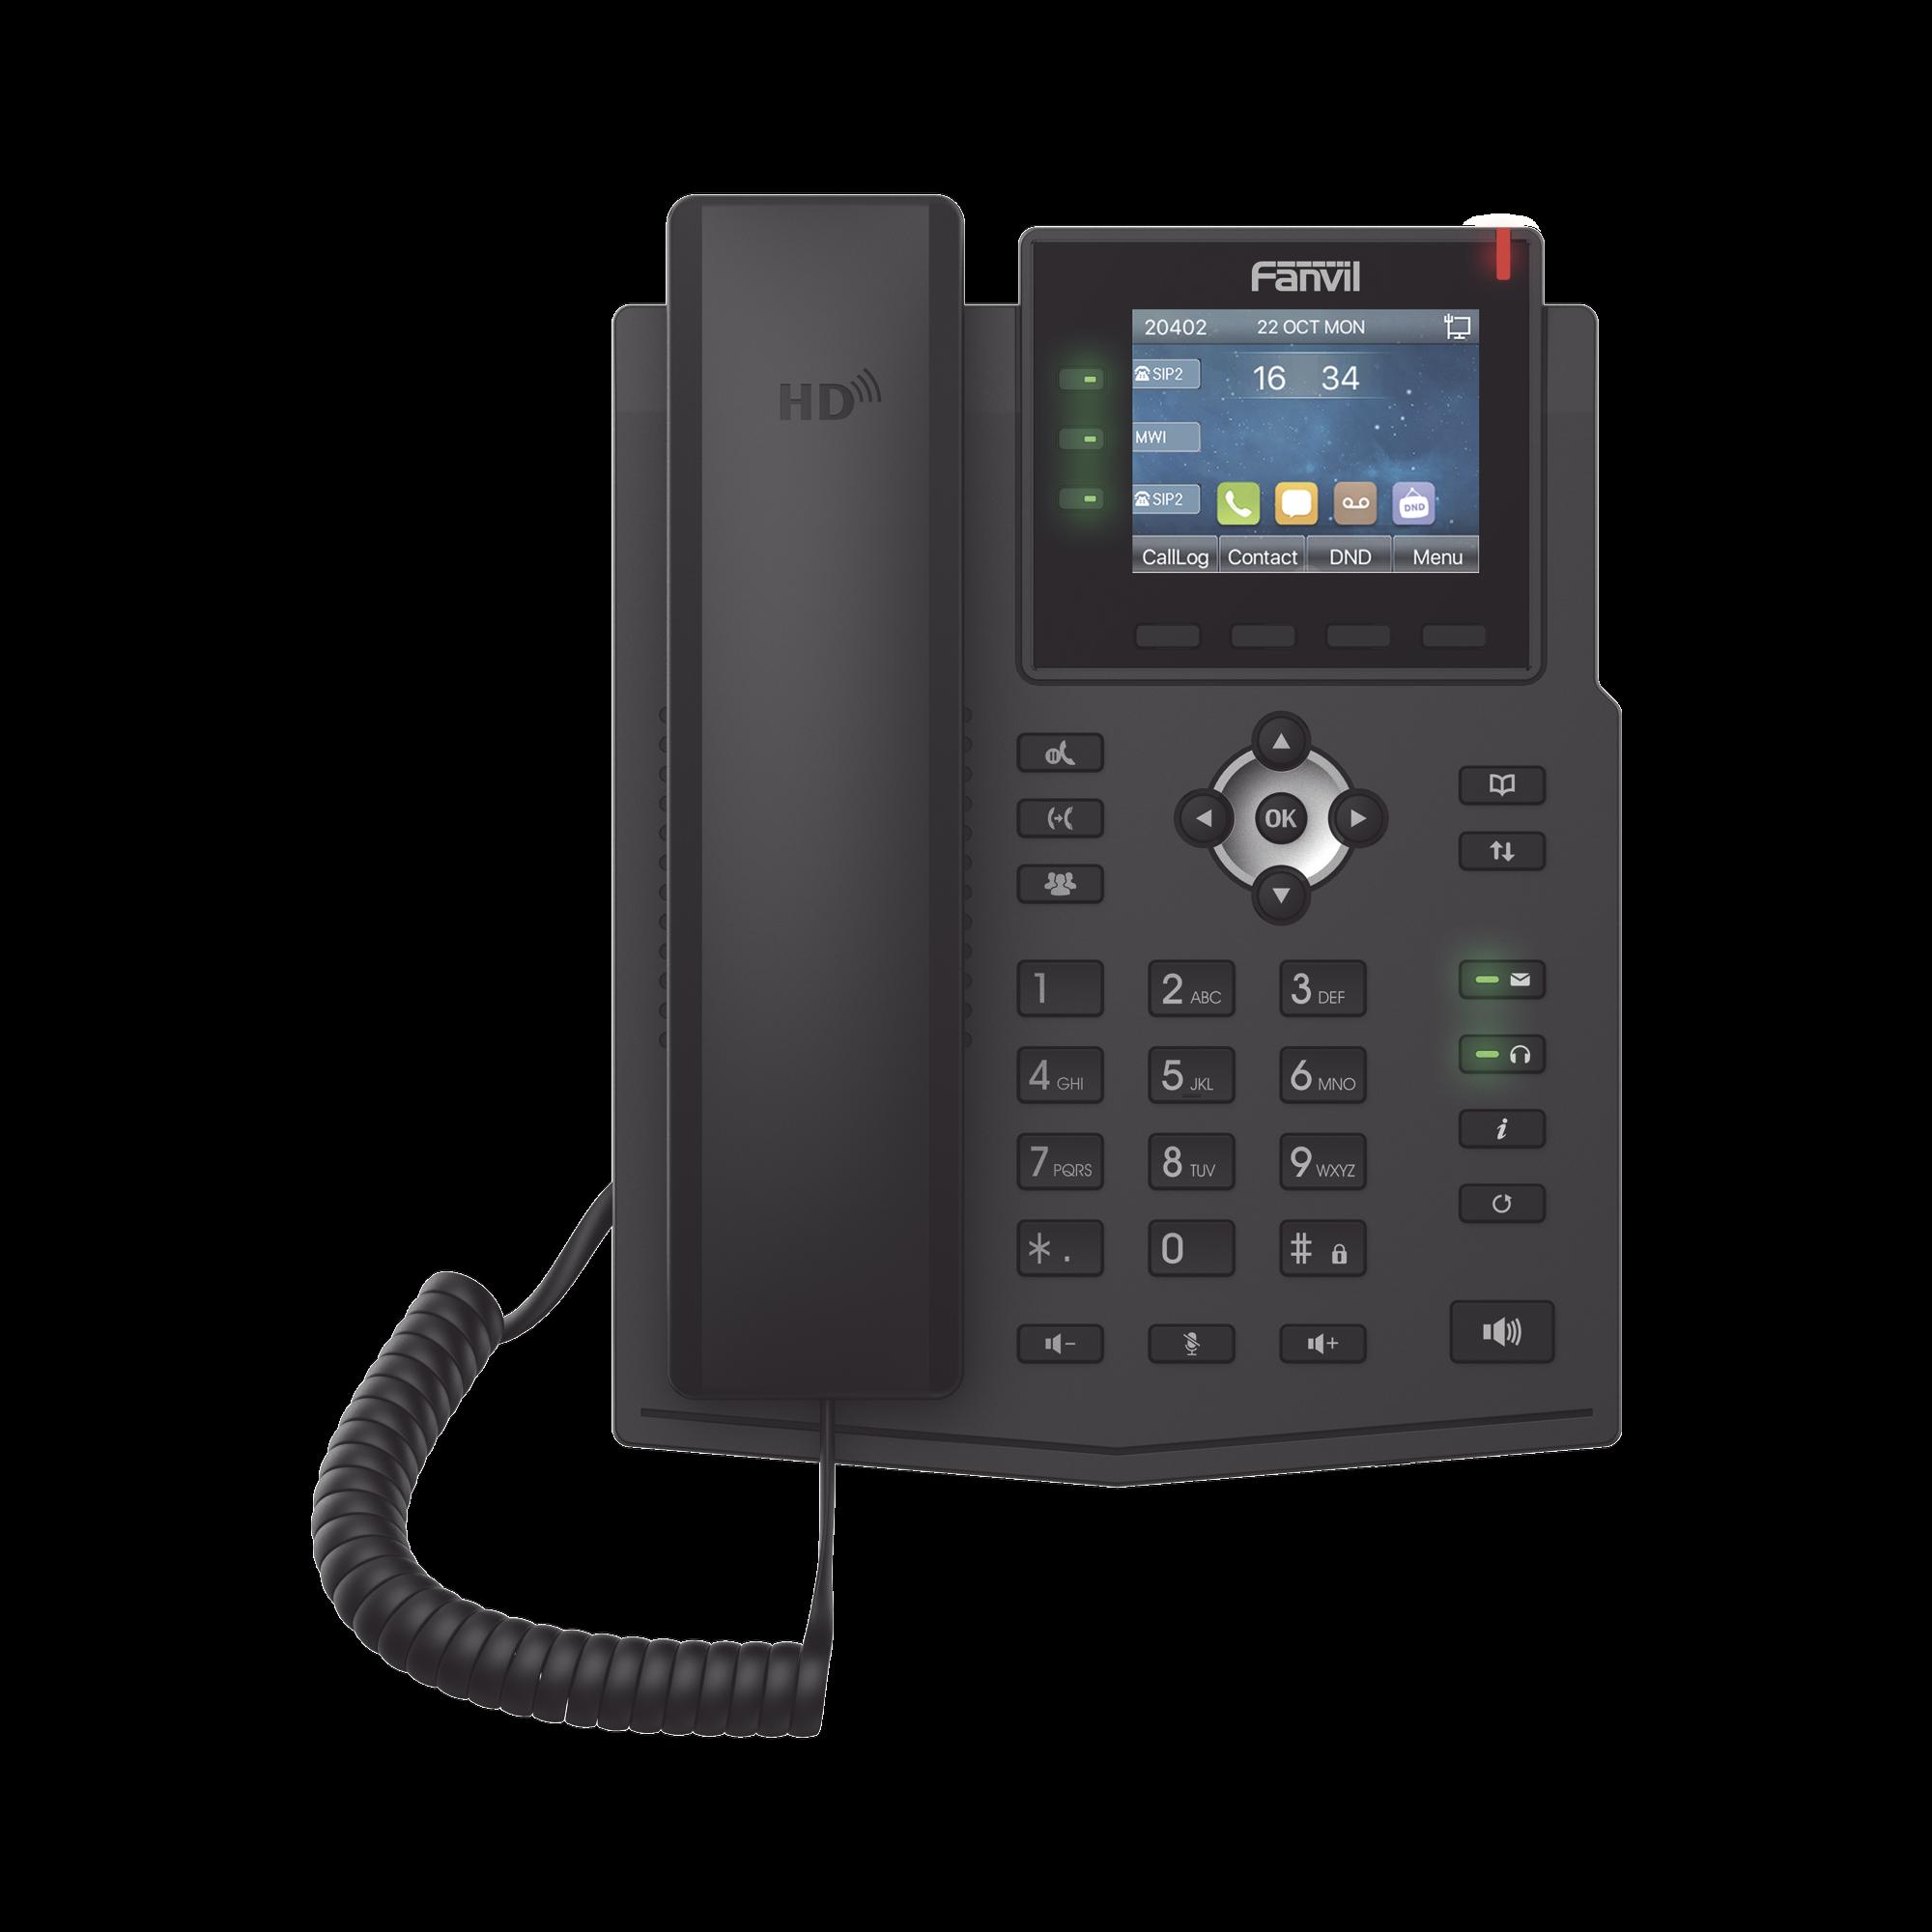 Teléfono IP Empresarial con Estándares Europeos, 6 lineas SIP con pantalla LCD a color, puertos Gigabit, IPv6, Opus y conferencia de 3 vías, PoE/DC (incluye fuente).